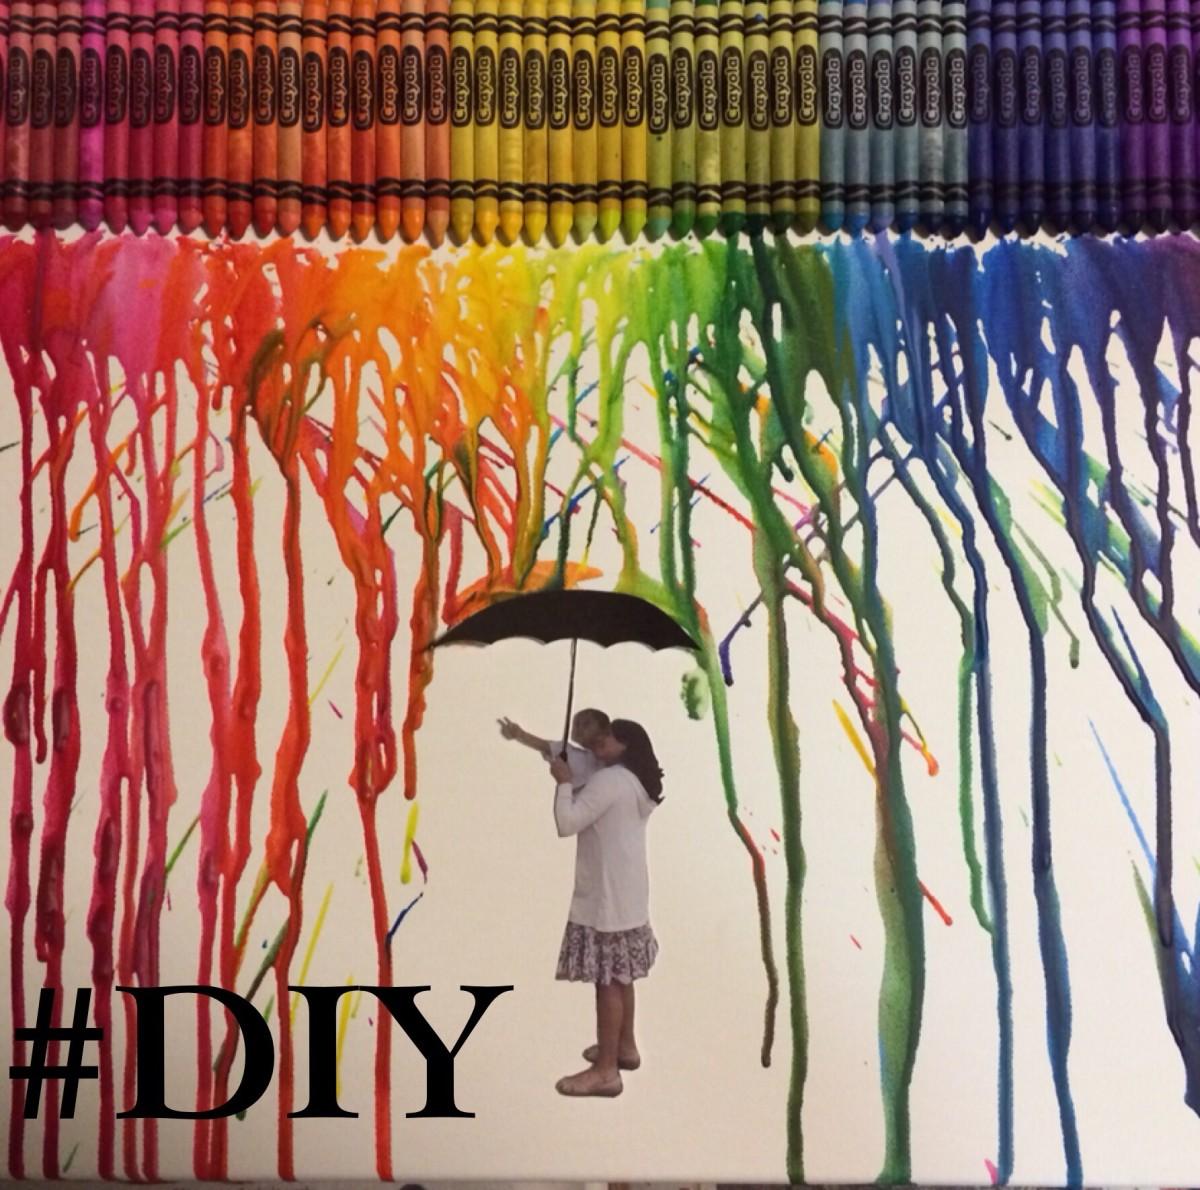 Crayon Art Designs